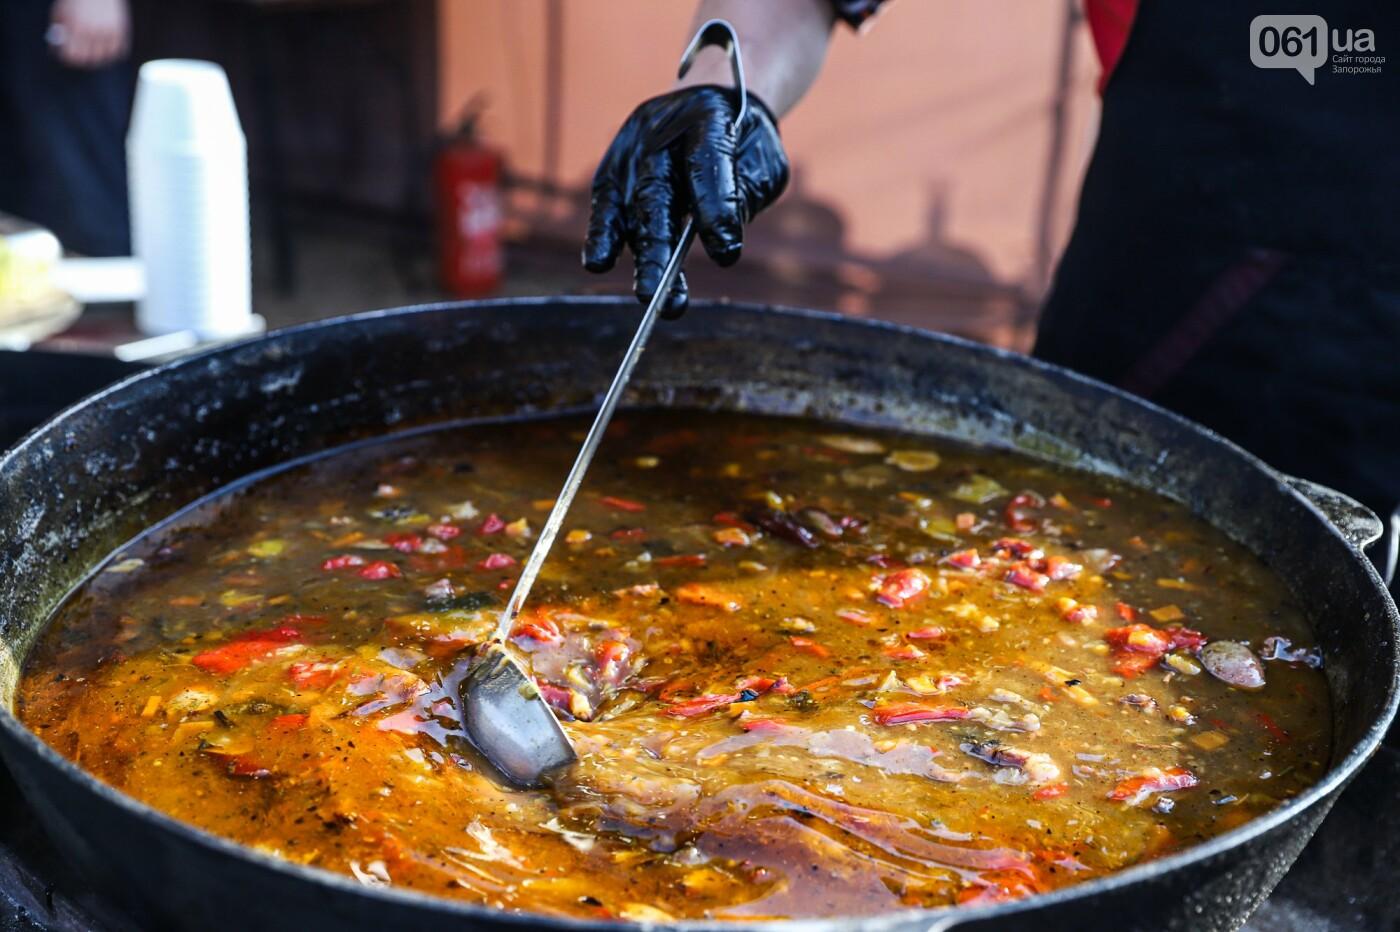 Бограч в хлебных горшочках и мясо из уникальной печи: что нового на фестивале уличной еды в Запорожье, - ФОТОРЕПОРТАЖ, фото-2